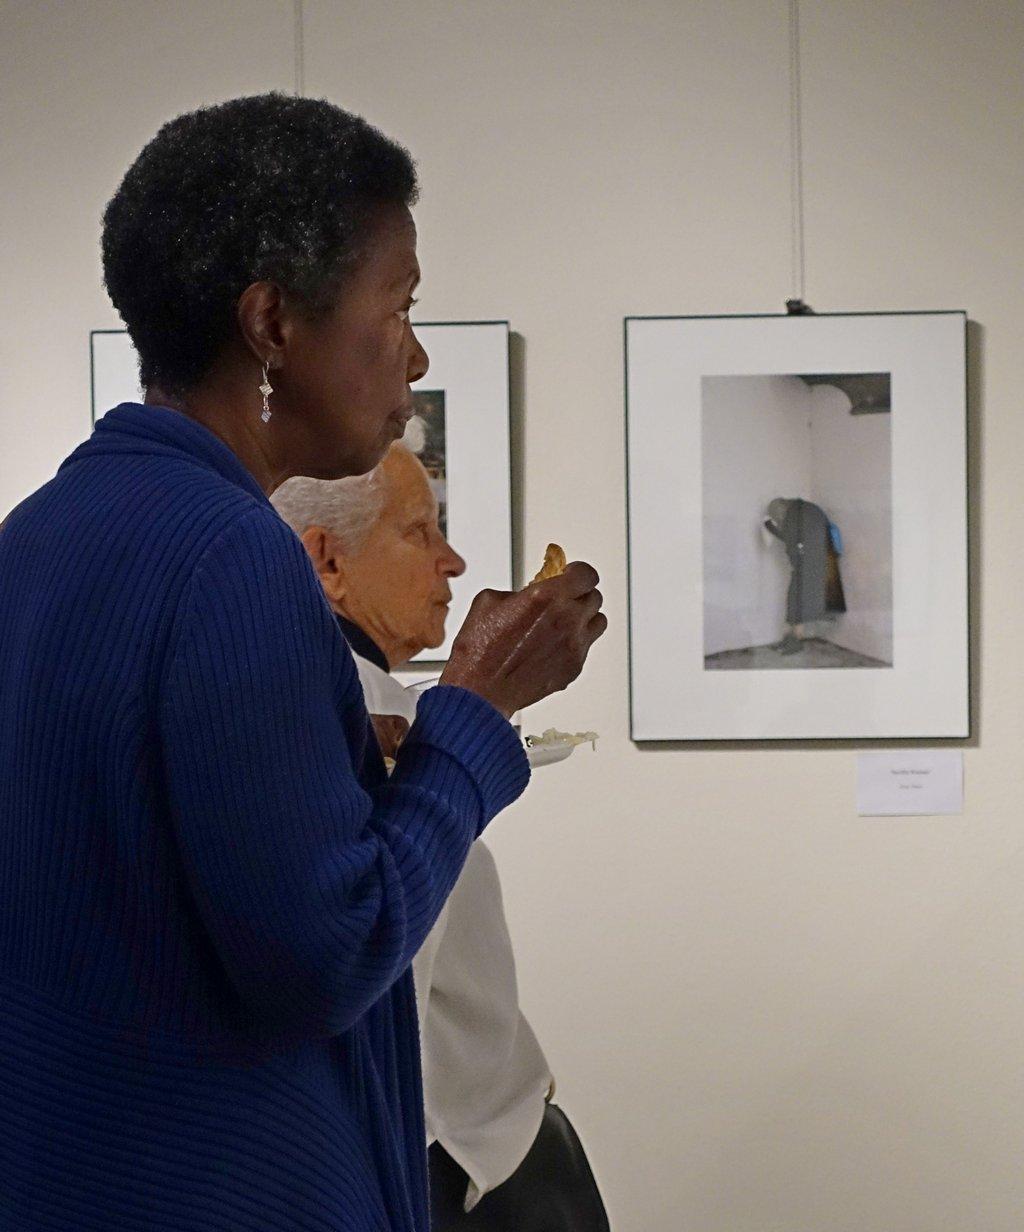 Art appreciators appreciating art